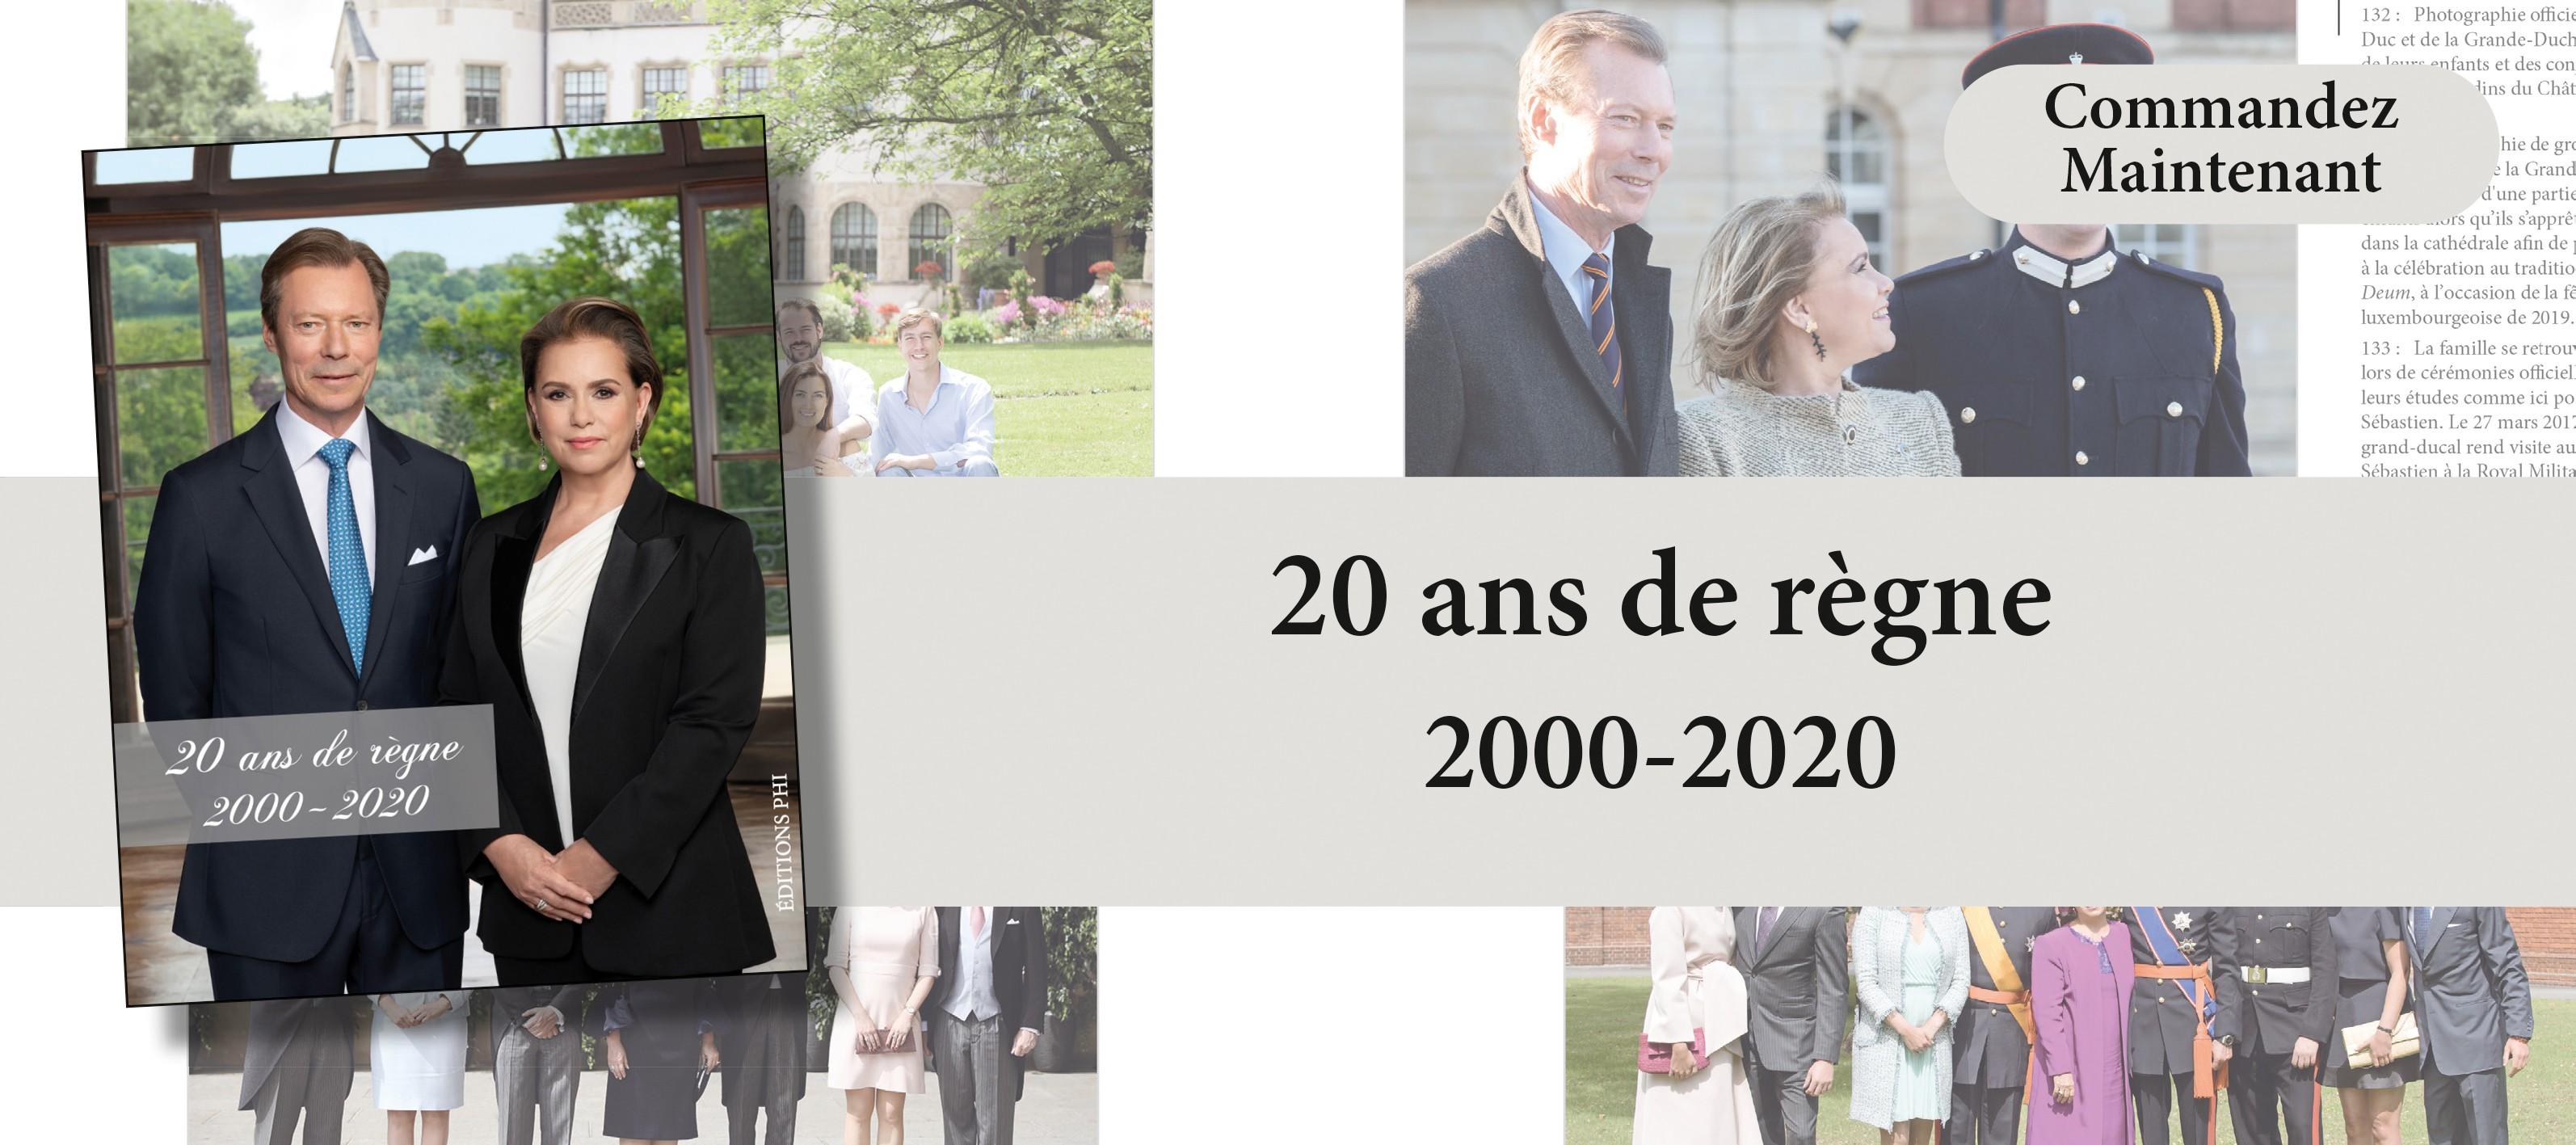 http://www.editionsphi.lu/fr/nouveautes/487-20-ans-de-regne.html